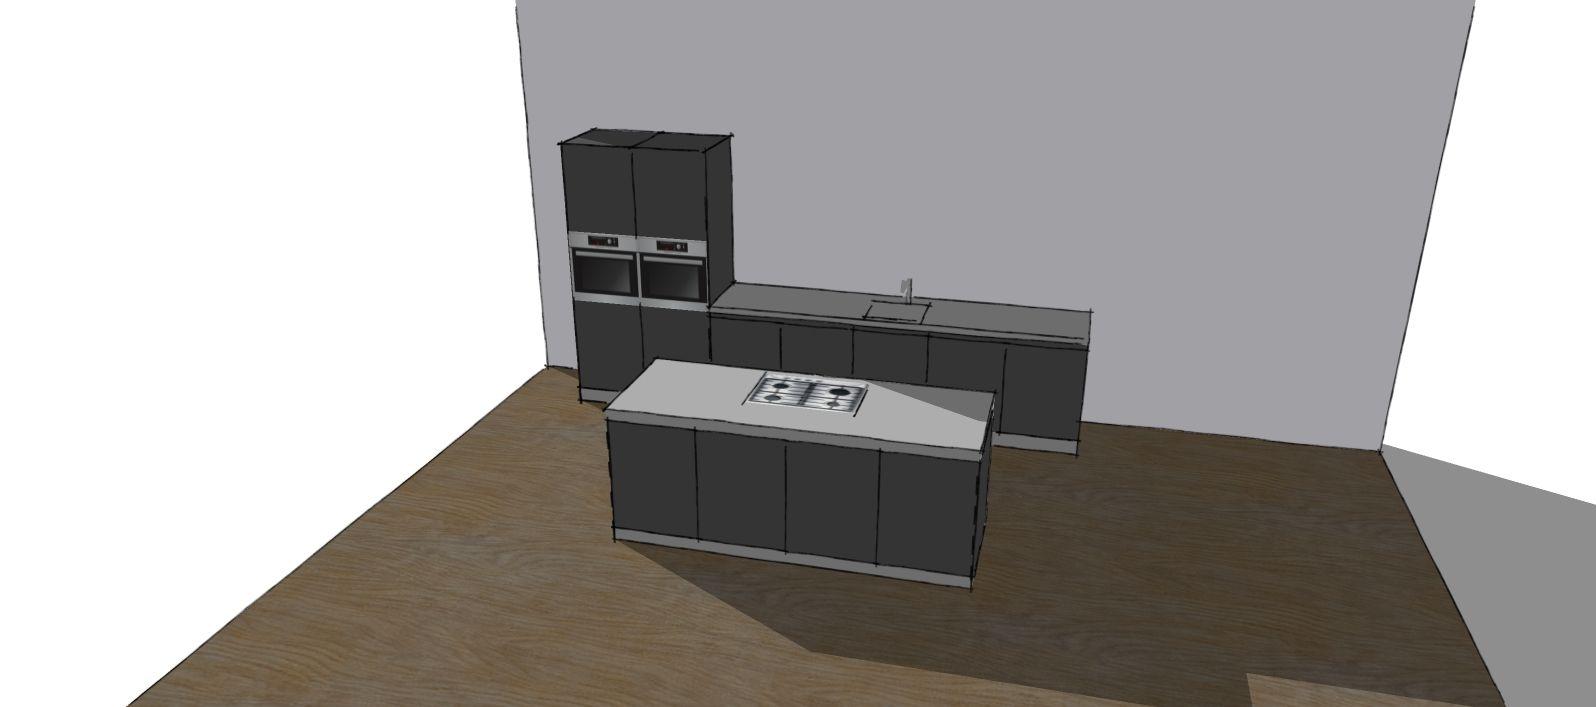 Showroomkeukens alle showroomkeuken aanbiedingen uit - Bulthaup beton ...